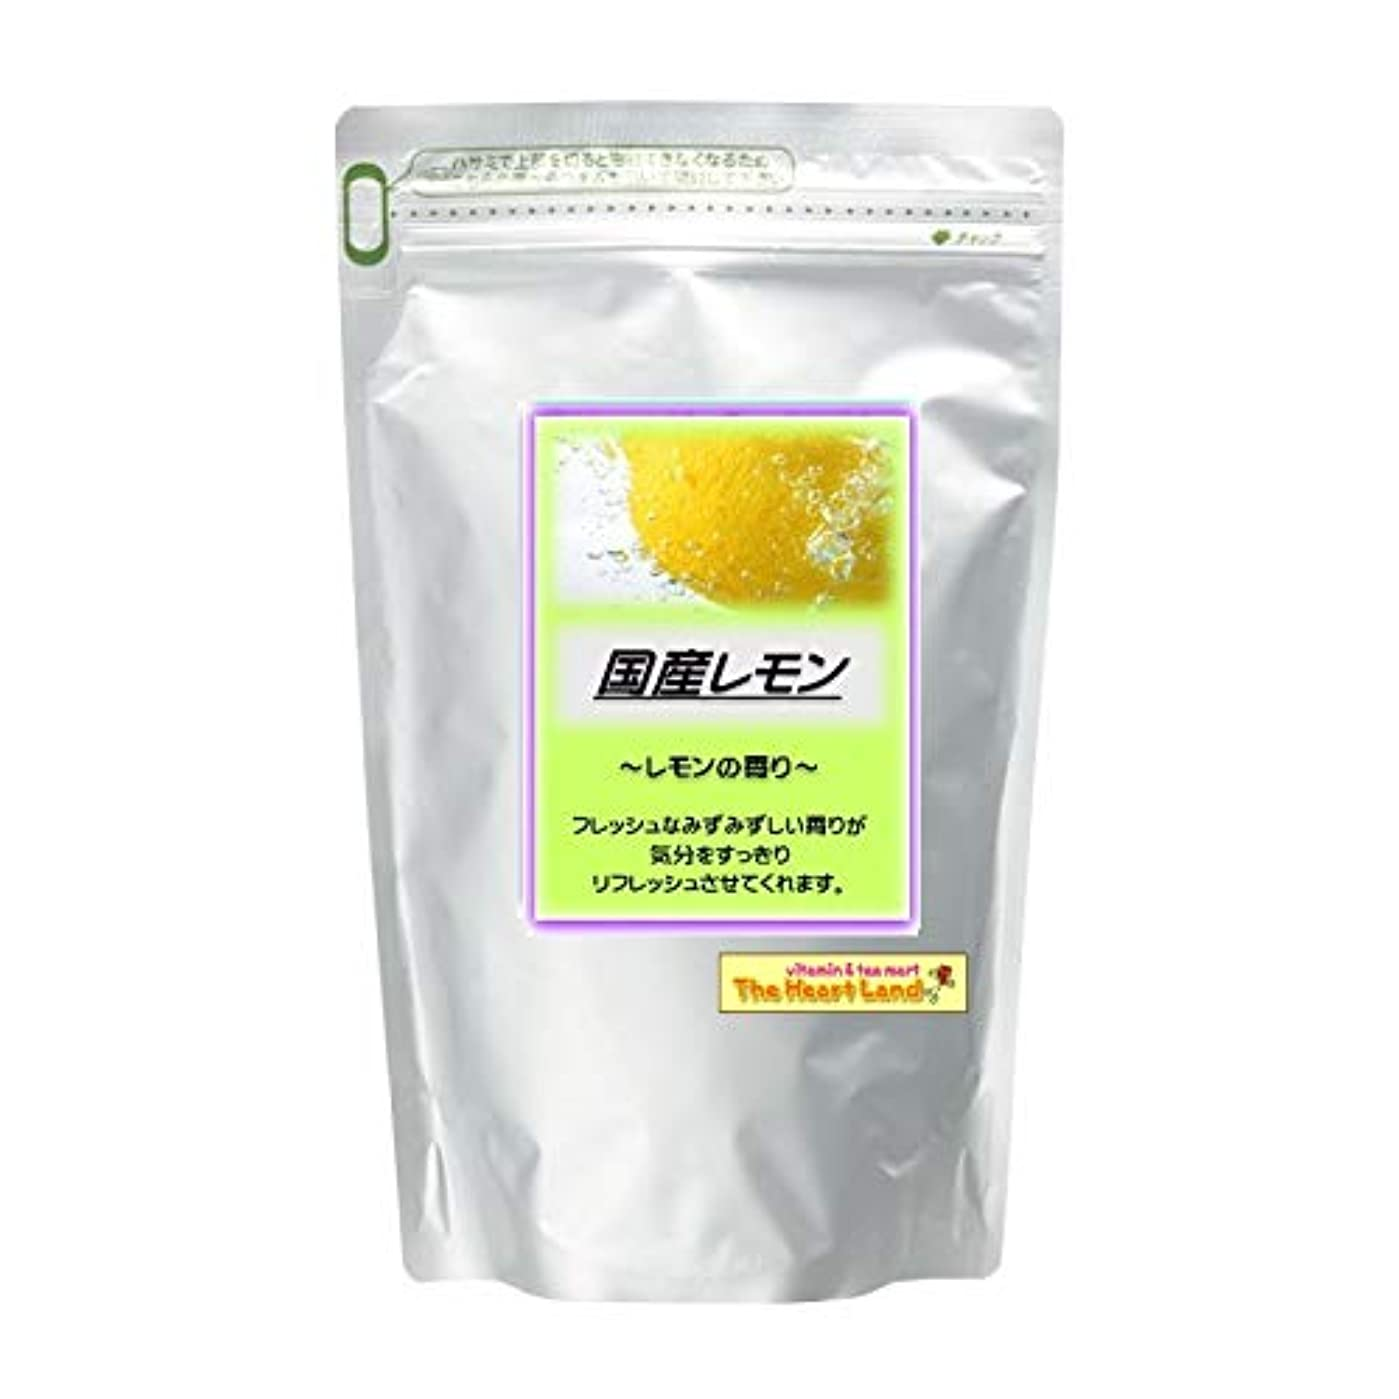 アデレードエコー表面アサヒ入浴剤 浴用入浴化粧品 国産レモン 300g